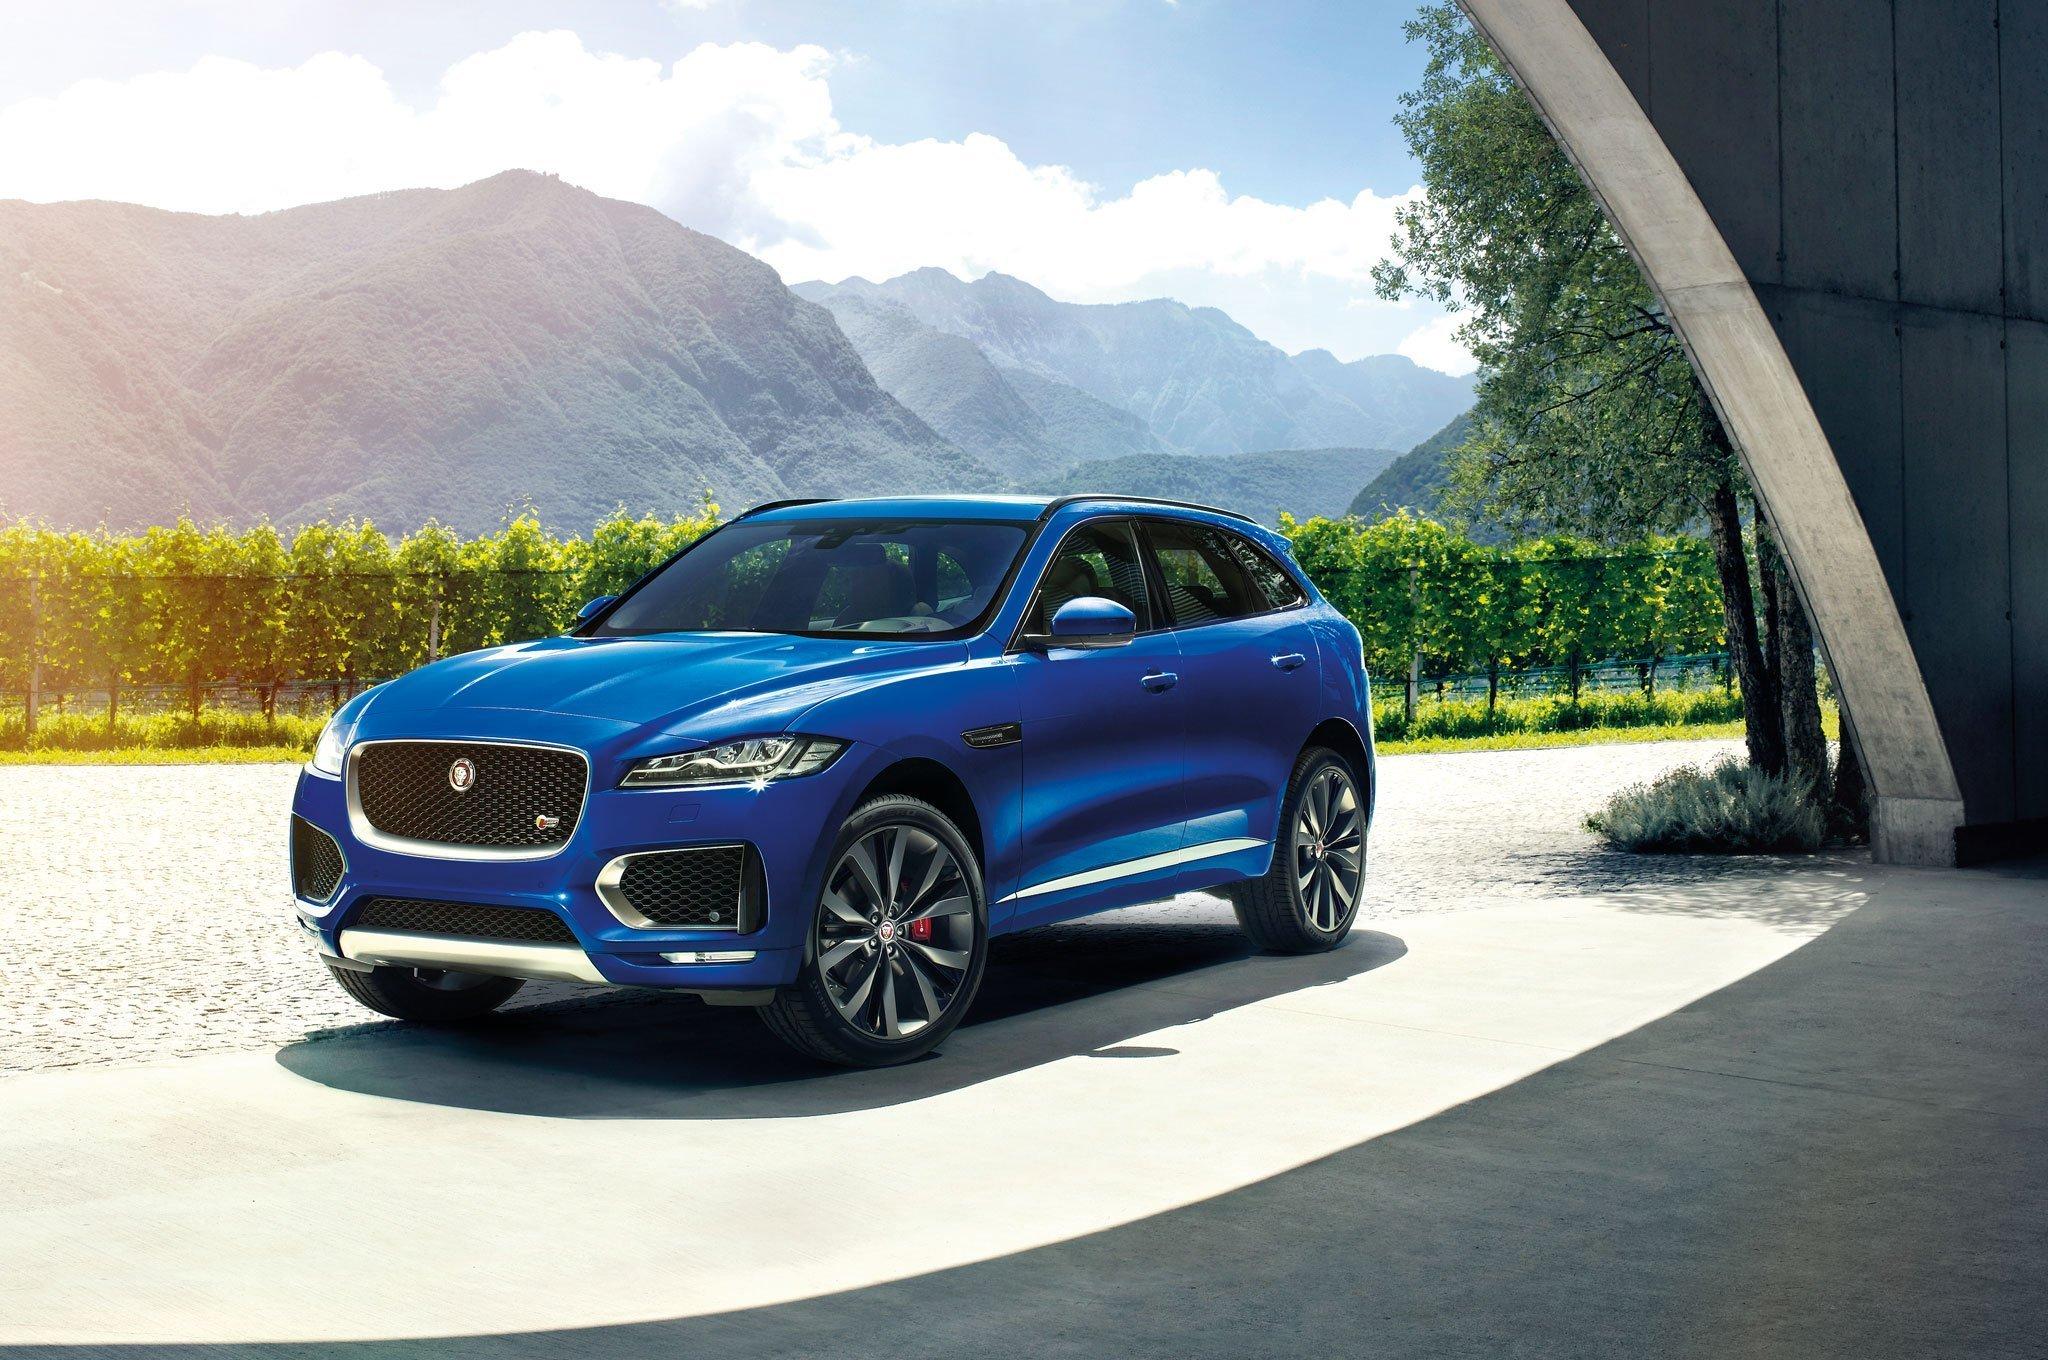 СМИ  Jaguar Land Rover не приедет на Женевский автосалон в 2019 году 62bf9cc1e3d